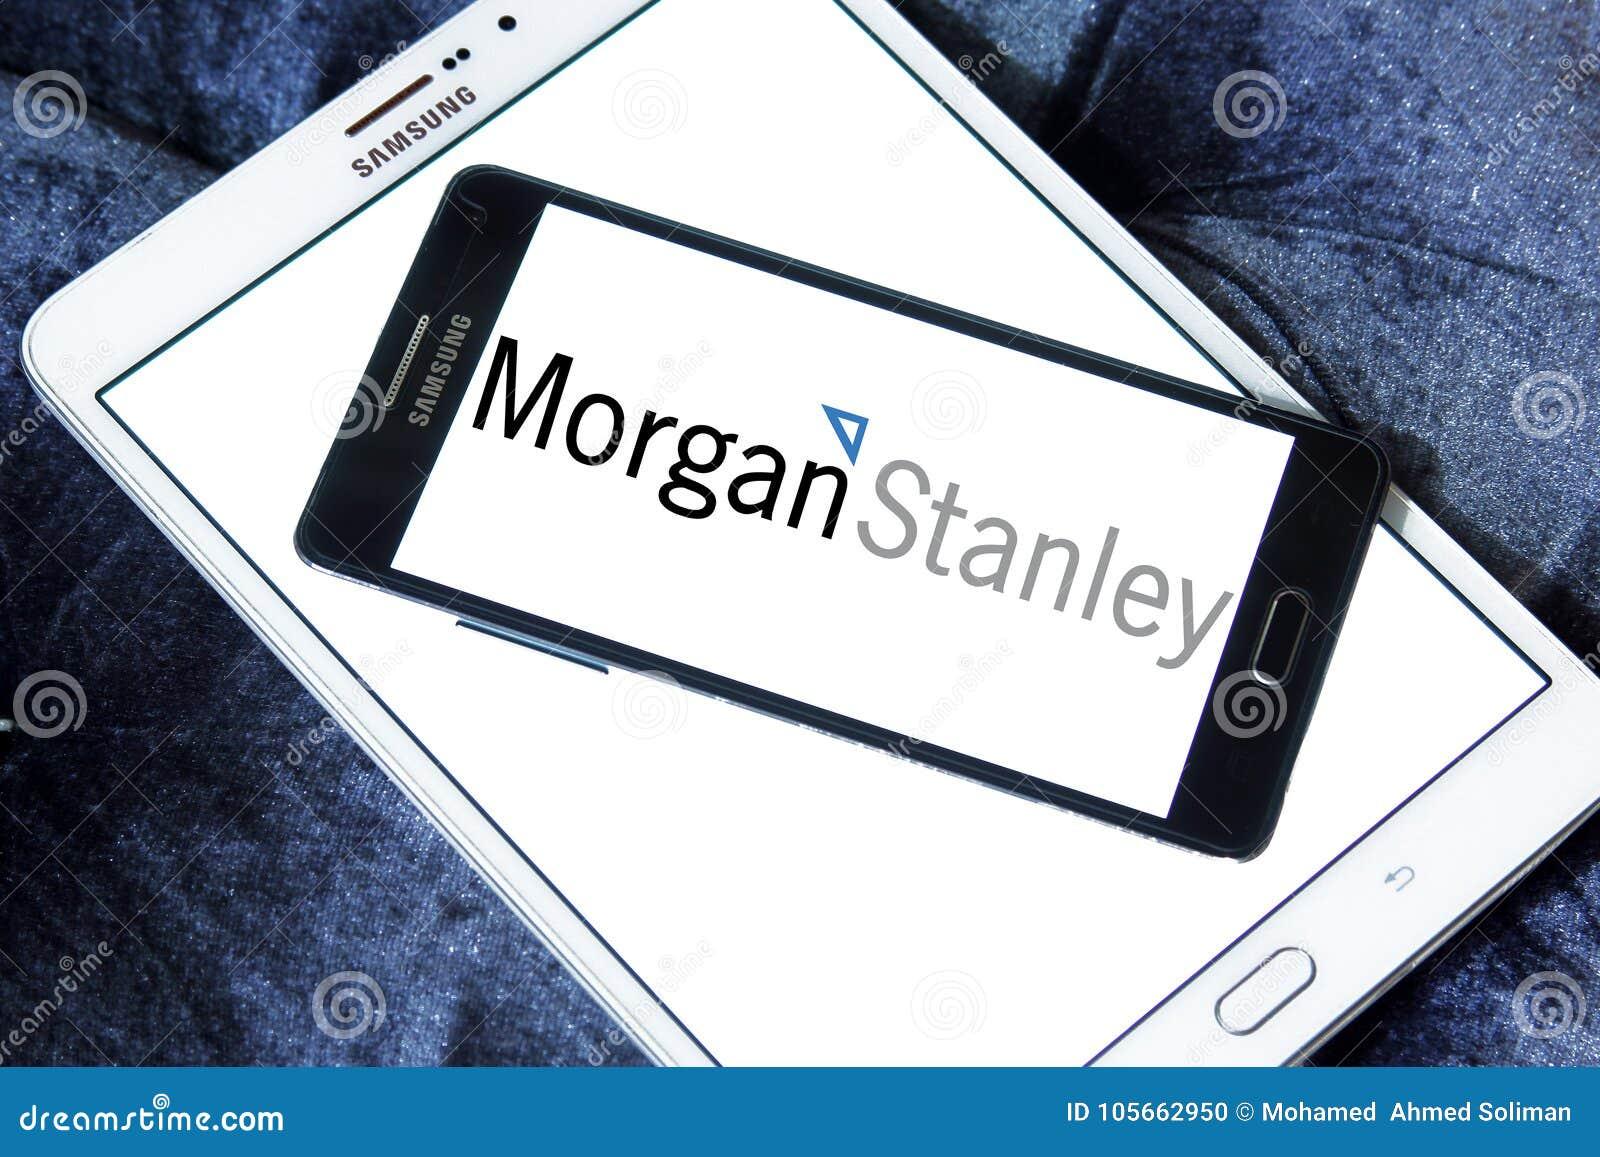 Morgan Stanley logo editorial image  Image of financial